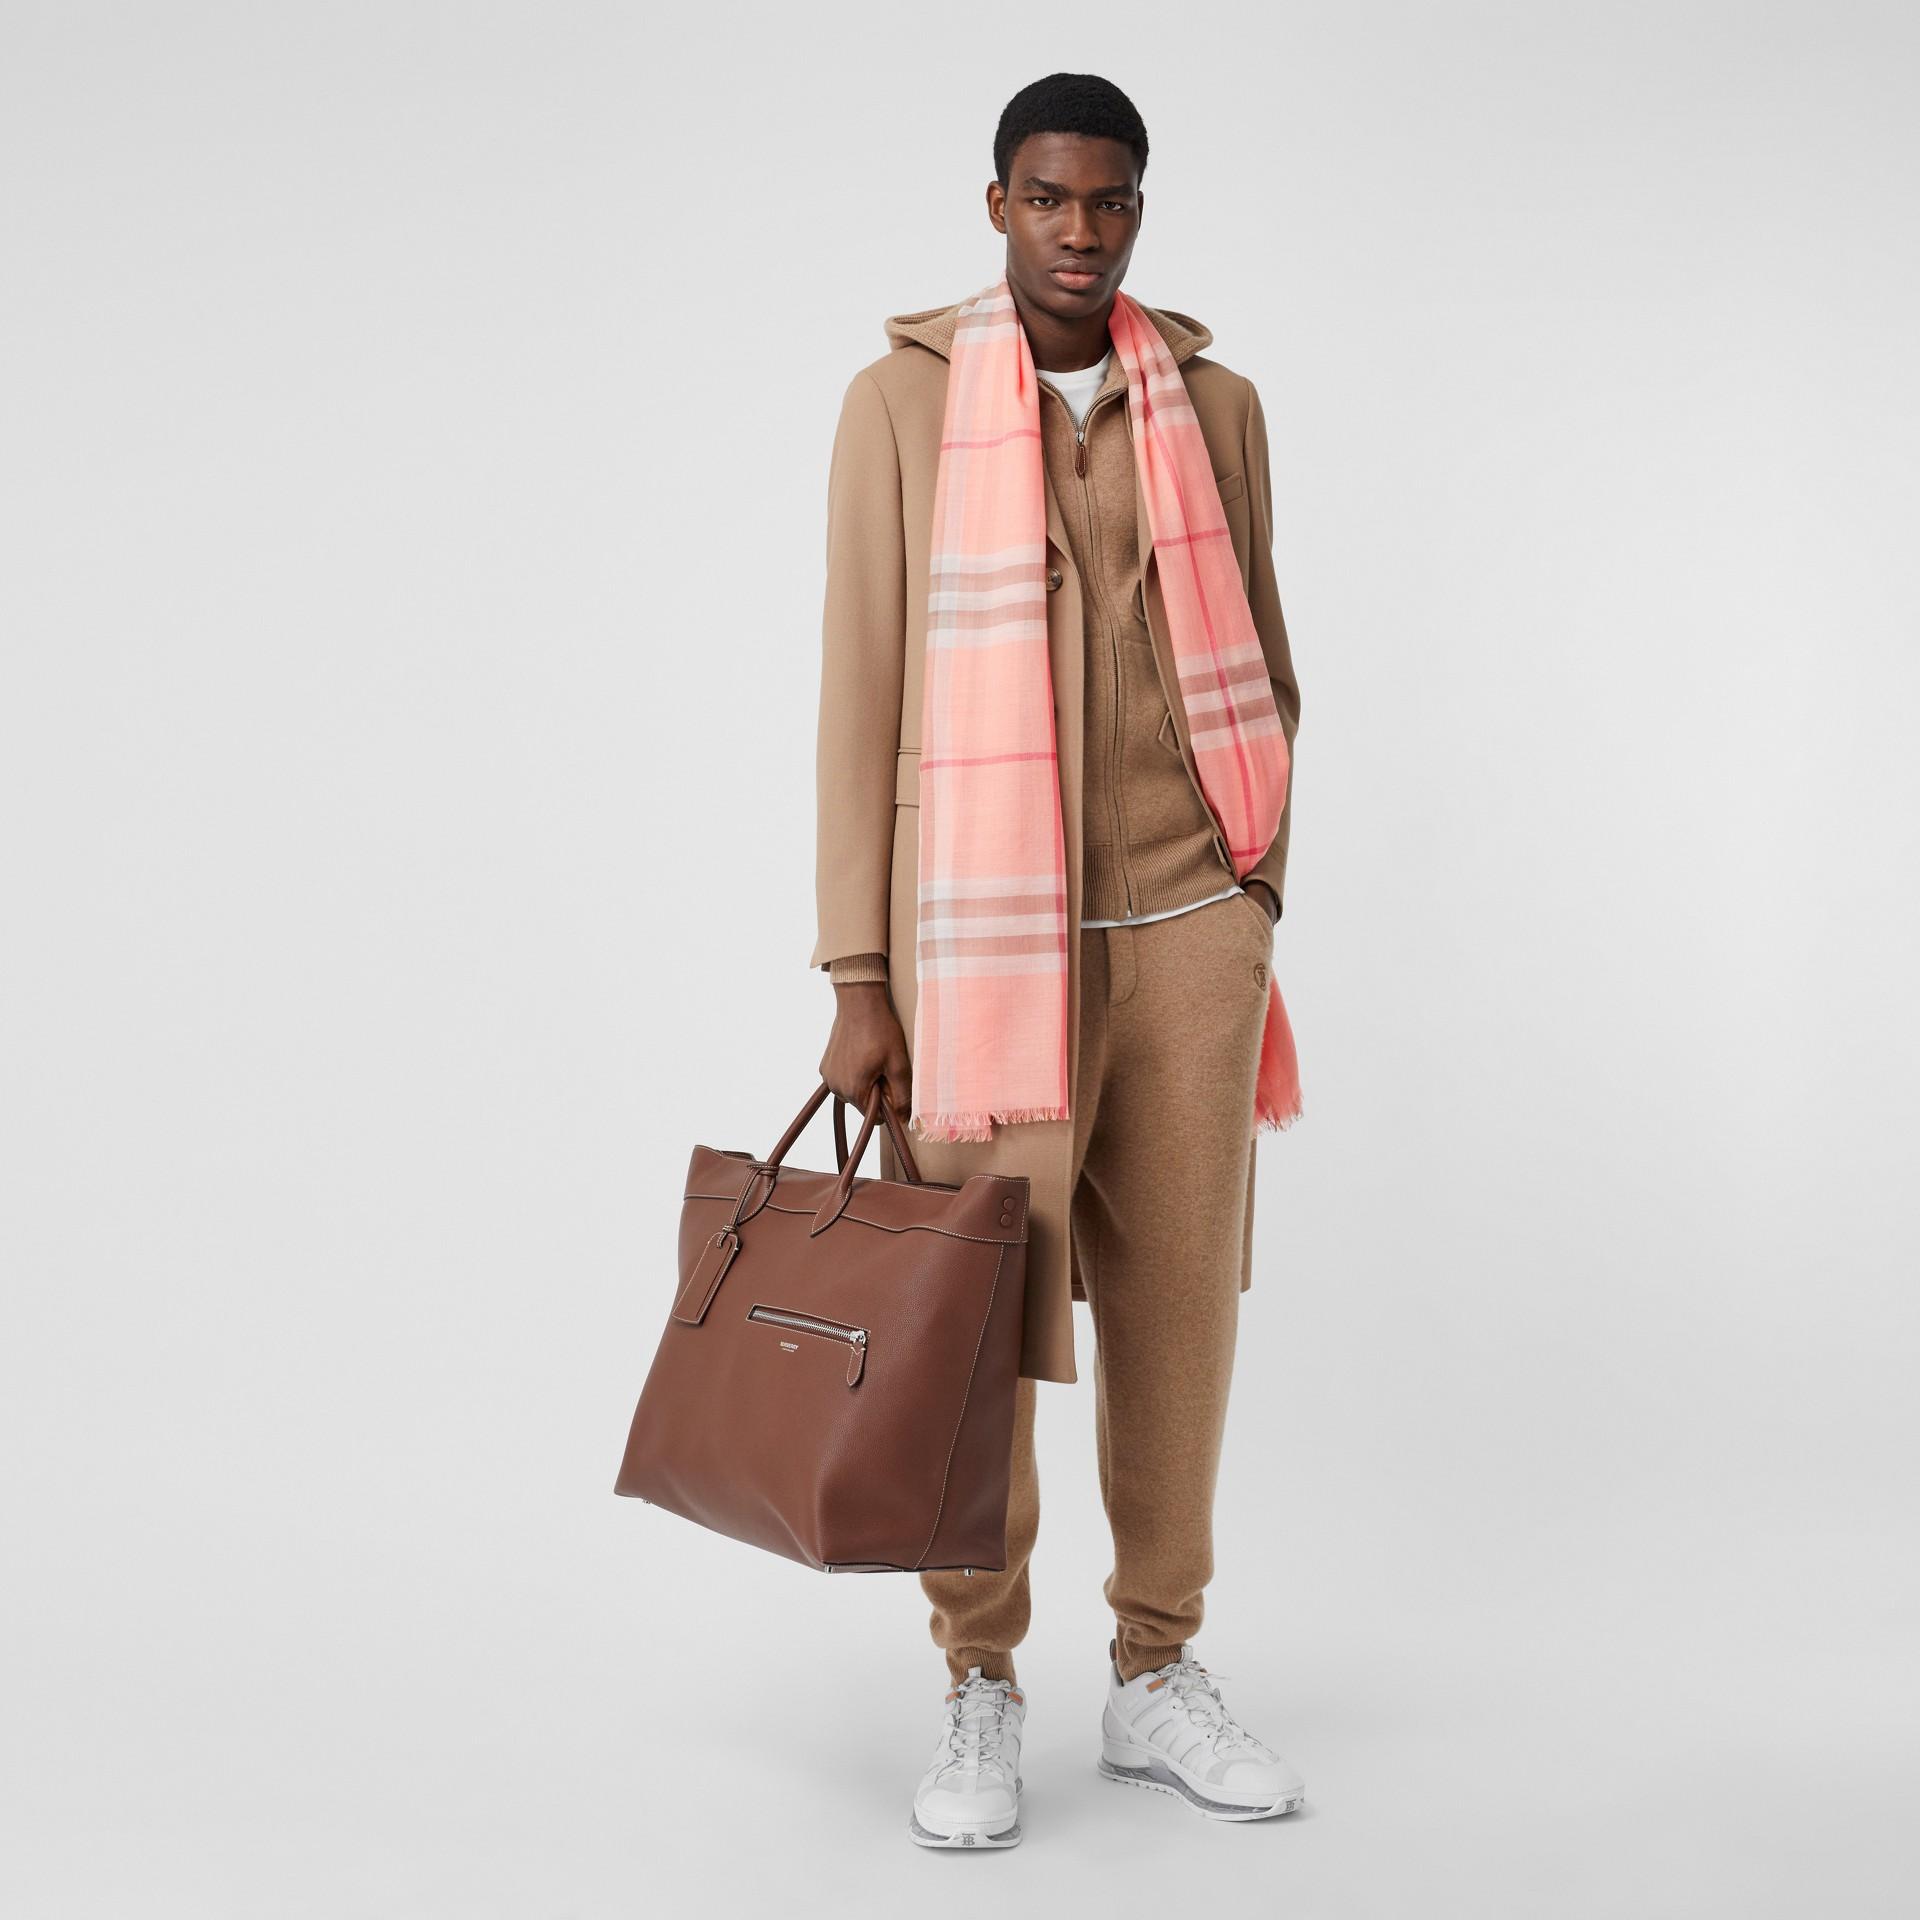 輕盈格紋羊毛絲綢圍巾 (粉蜜桃色) | Burberry - 圖庫照片 7